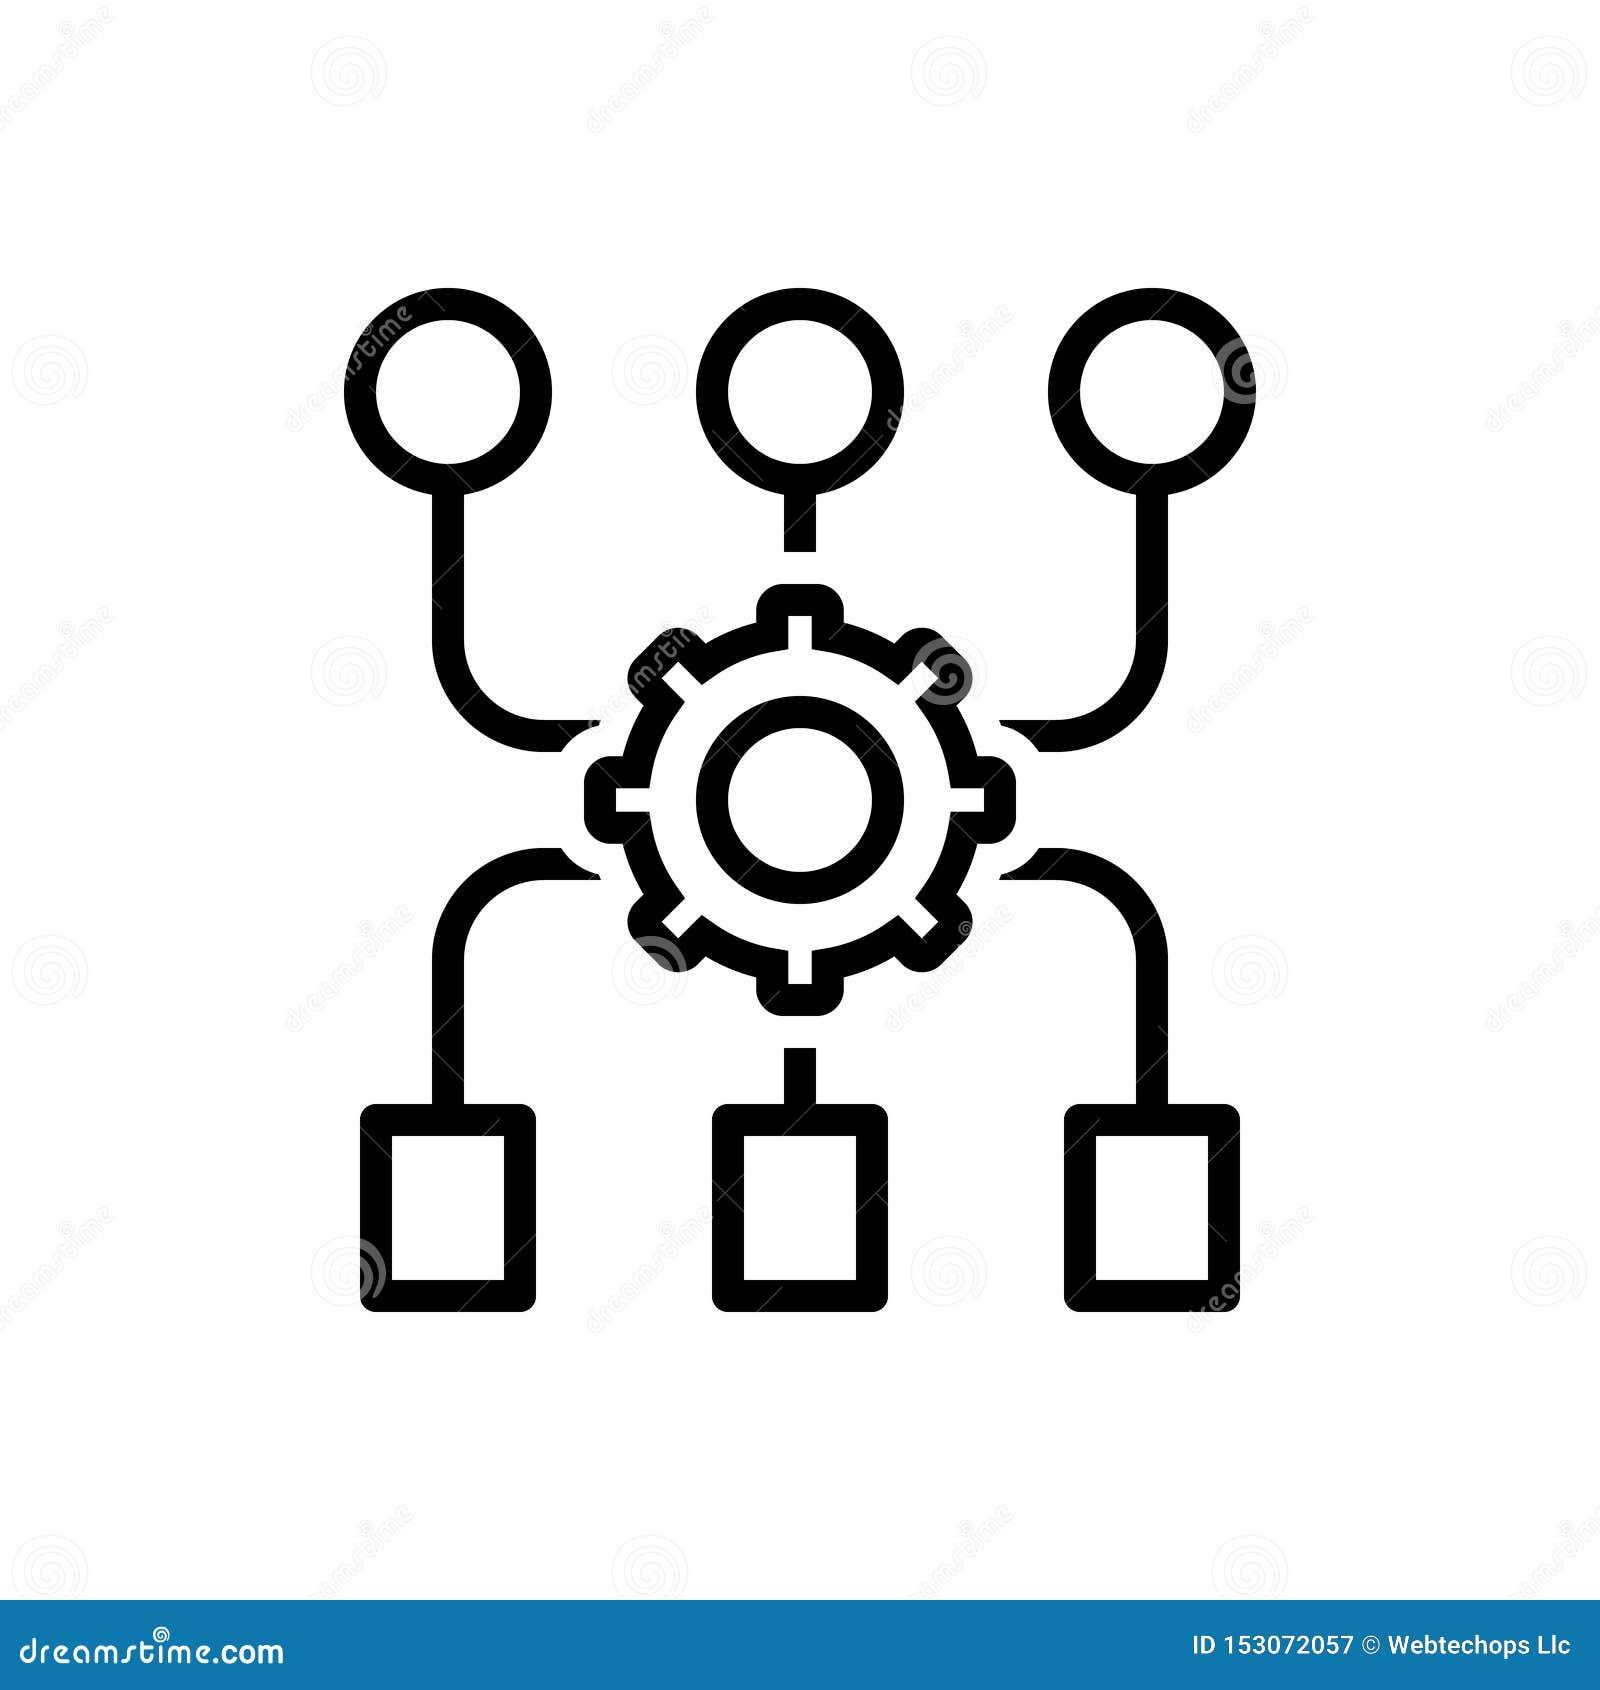 Schwarze Linie Ikone für Programm-Algorithmus, Zugang und Anwendung